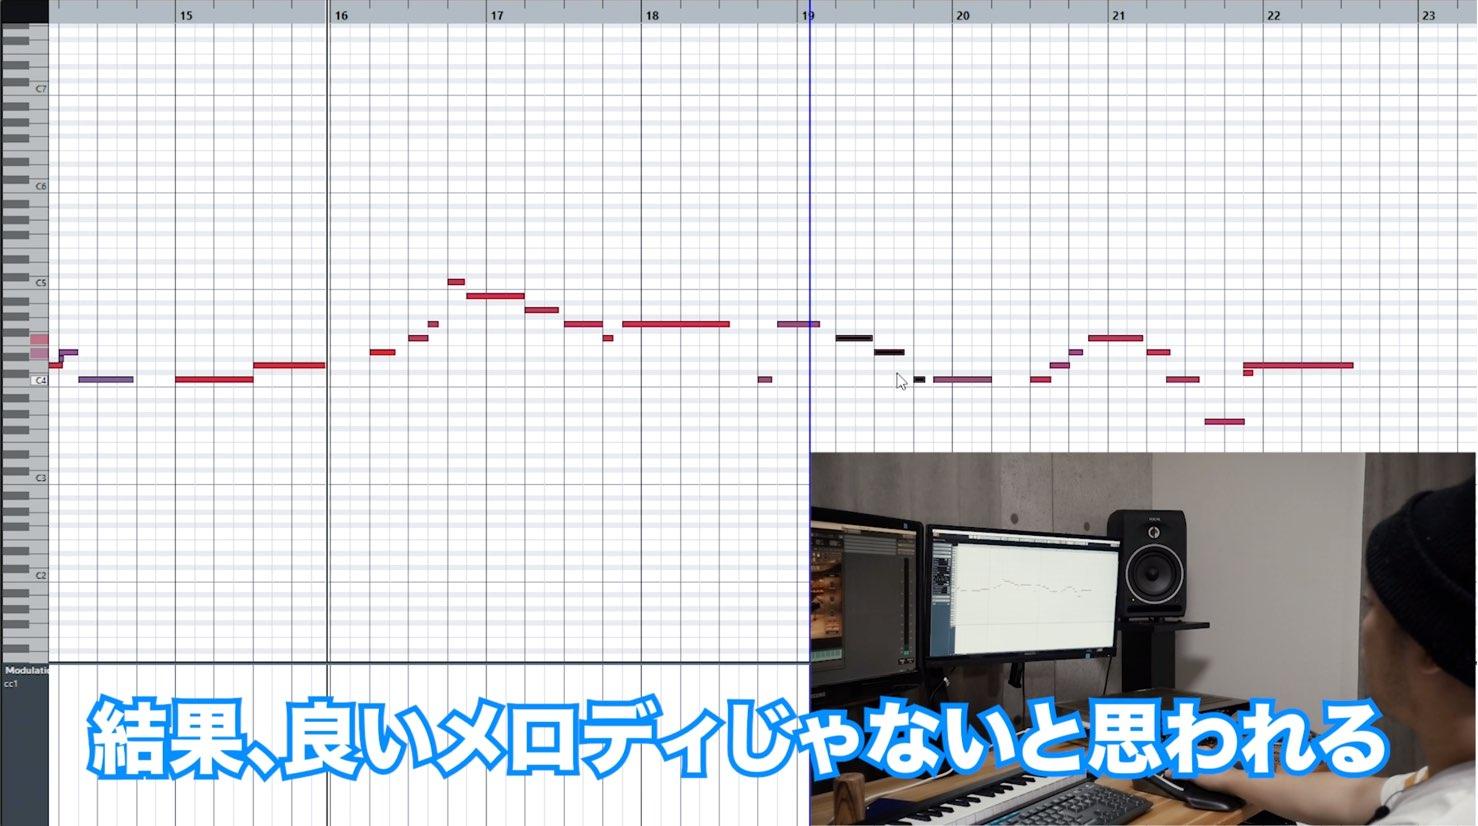 Yusuke-Shirato-Tips-28